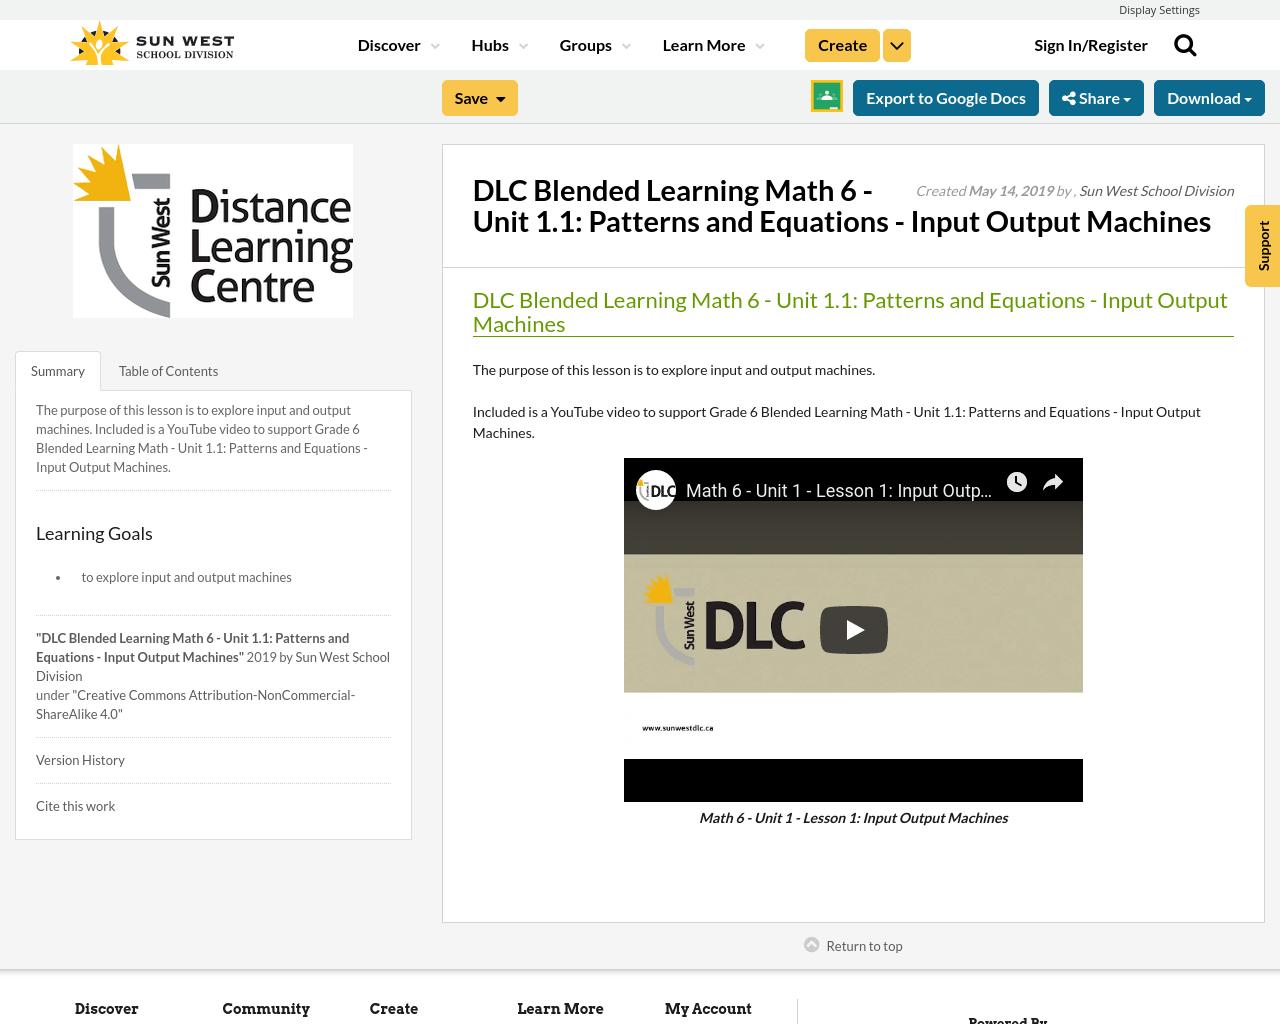 Dlc Blended Learning Math 6